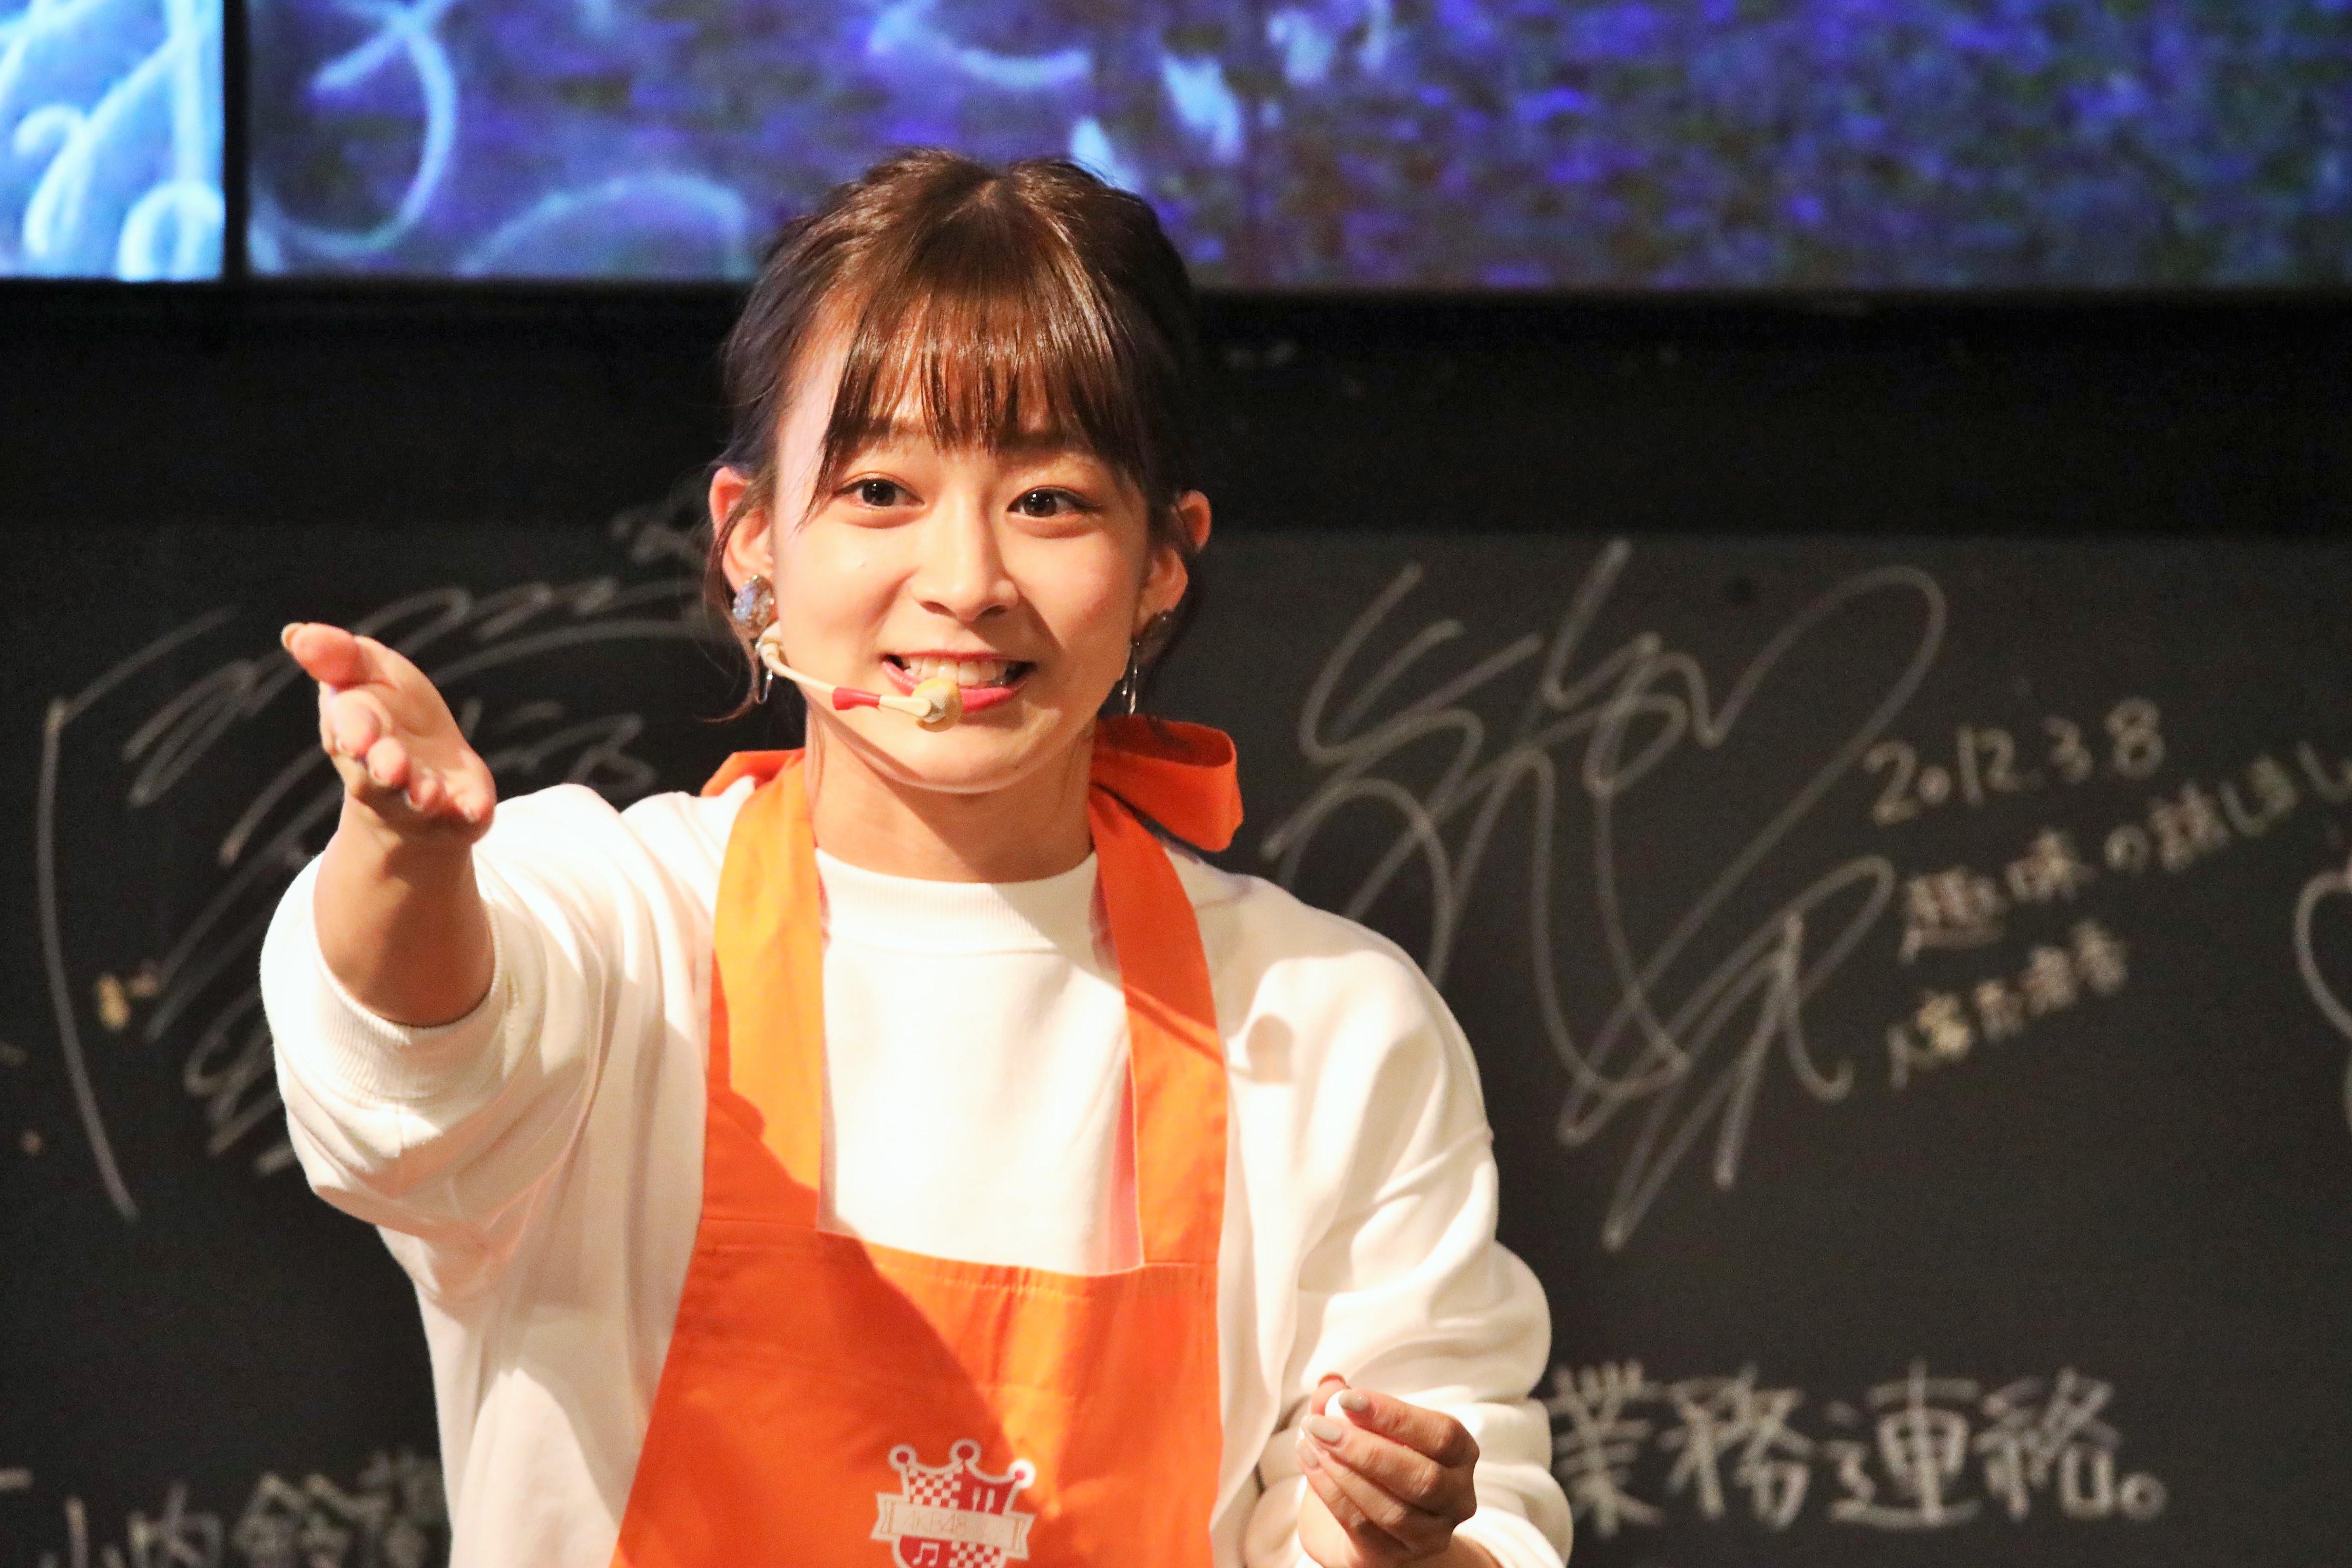 ビンゴで当たったファンに話しかける太田奈緒